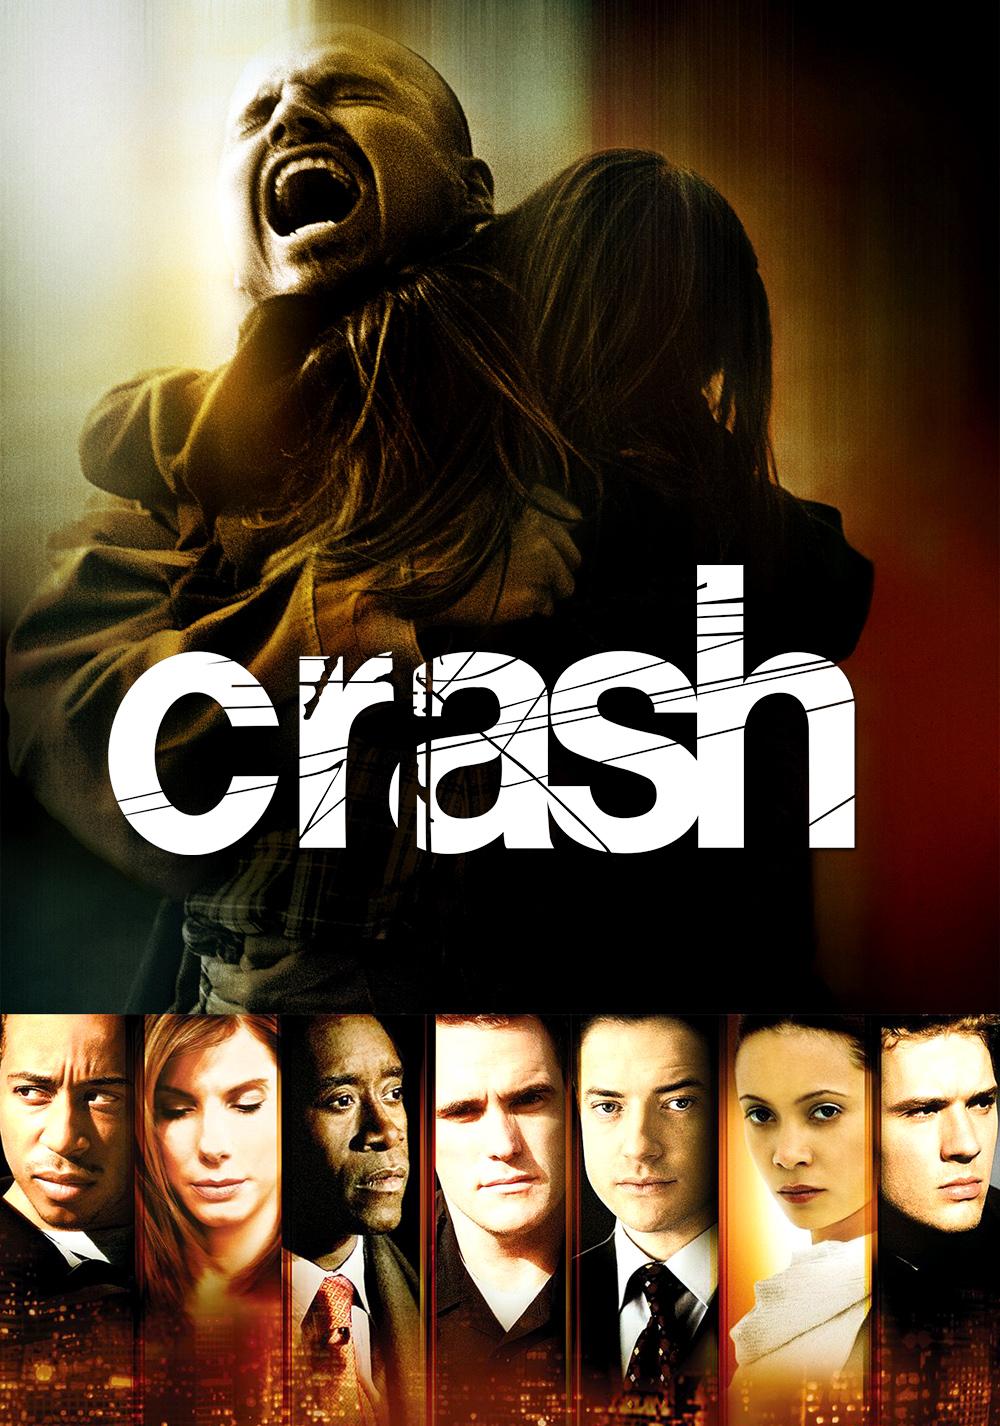 Crash Film